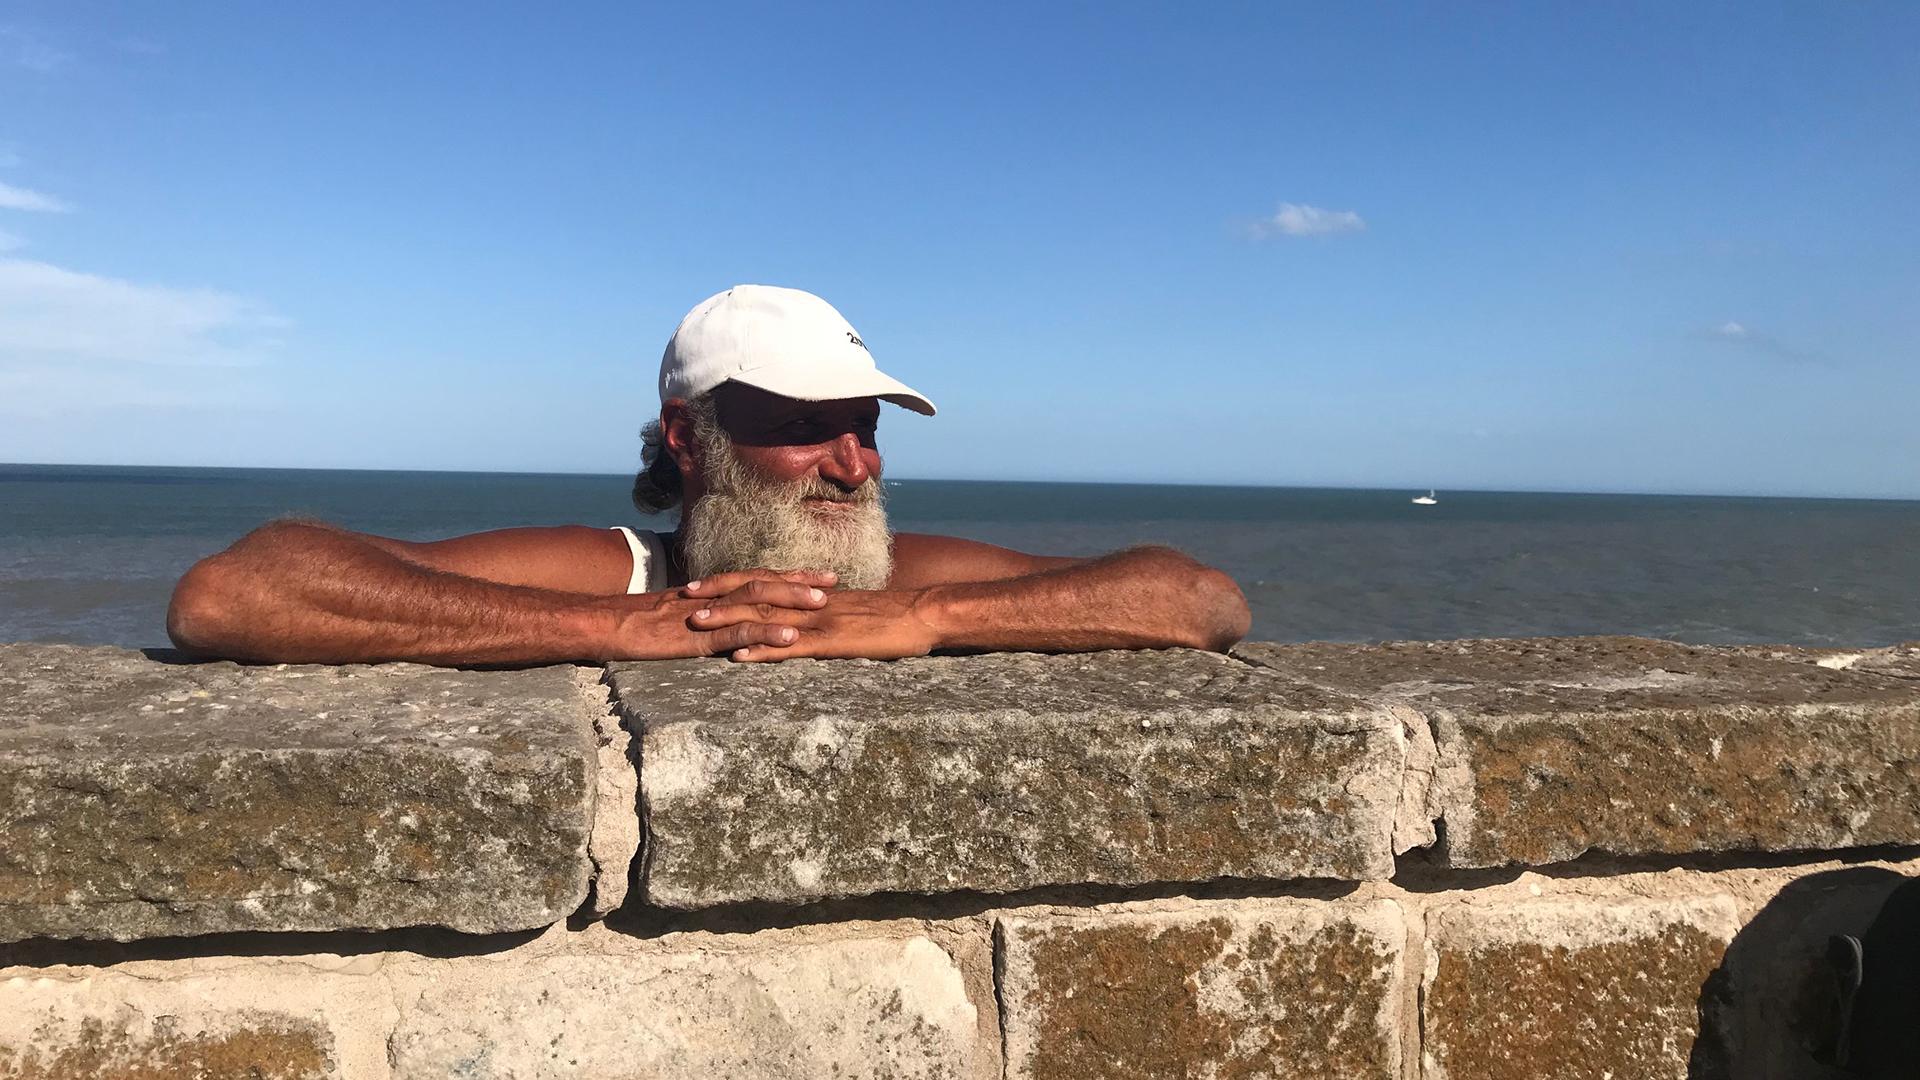 """Mar del Plata despide a """"el ermitaño de Cabo Corrientes"""", un emblemático linyera que vivía junto al mar, rodeado de gatos"""